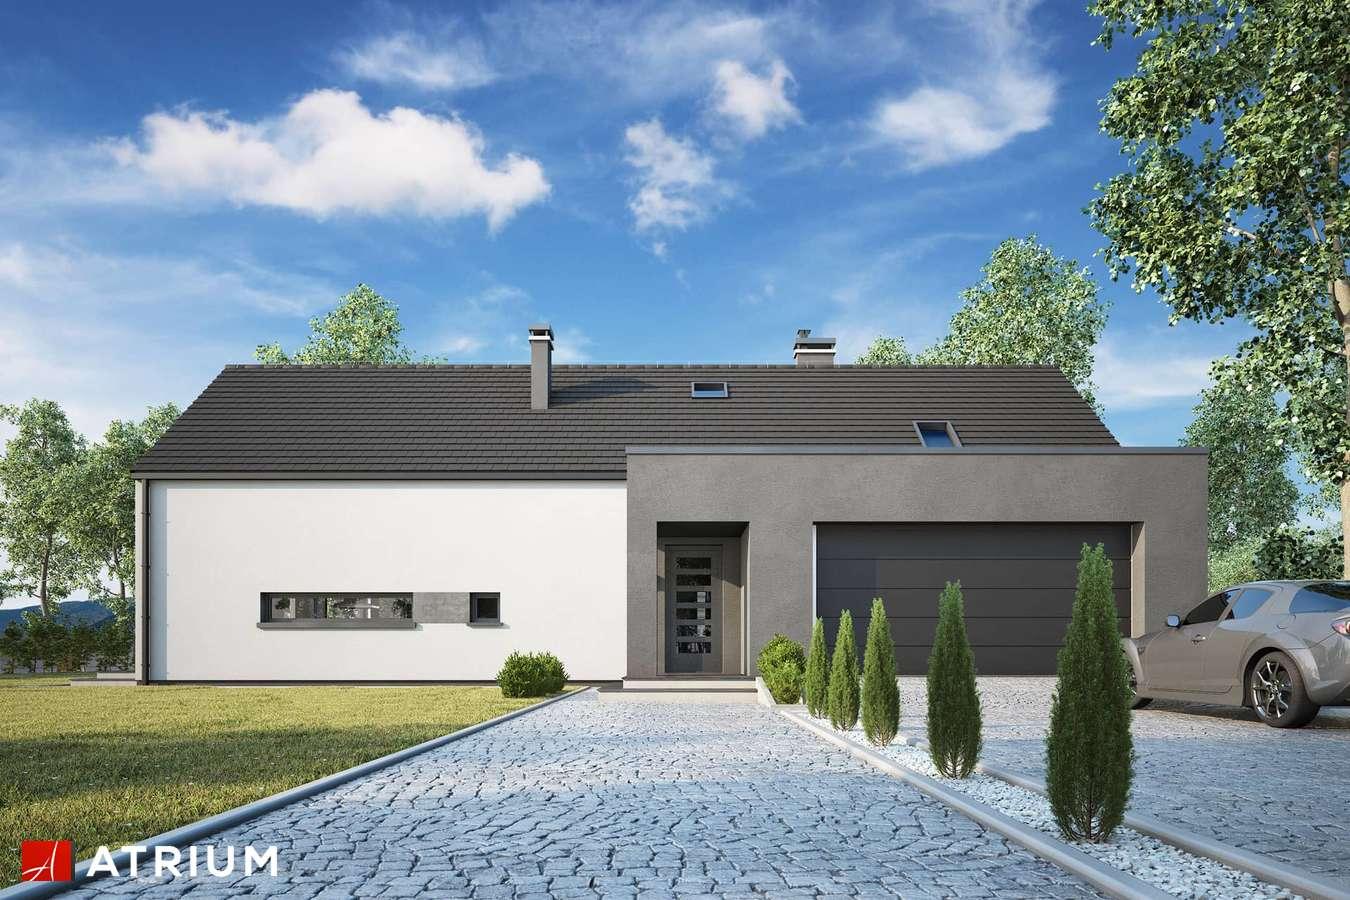 Projekty domów - Projekt domu z poddaszem MARIN IV - wizualizacja 2